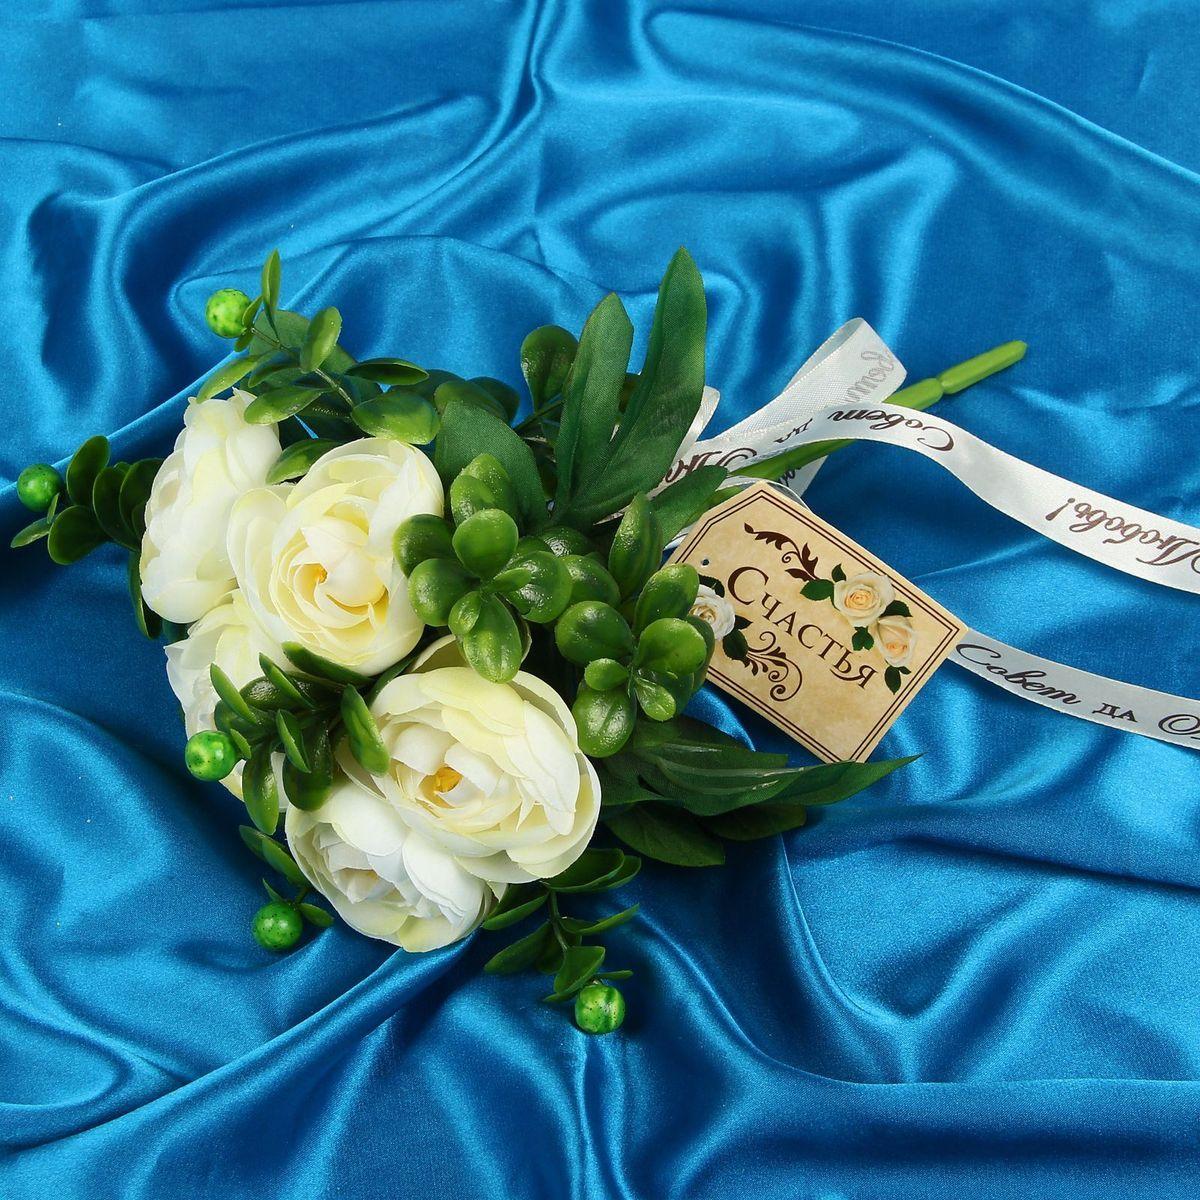 Sima-land Букет-дублер Загадка чайные розы, цвет: белый, зеленый. 12126281212628Современные невесты используют букеты из искусственных материалов, потому что они легче, дешевле и не рассыпаются в полете. Ведь для многих незамужних подружек поймать букет на свадьбе — шанс осуществления заветной мечты. Кроме свадебной тематики изделие используют для фотосессий, так как оно не утрачивает праздничный вид даже в непогоду, и как элемент украшения интерьера. Многие рестораны и отели на выставках и праздниках предпочитают использовать украшения из неувядающих цветов. Оригинальный букет будет в центре внимания на торжественном событии и оставит самые яркие впечатления.